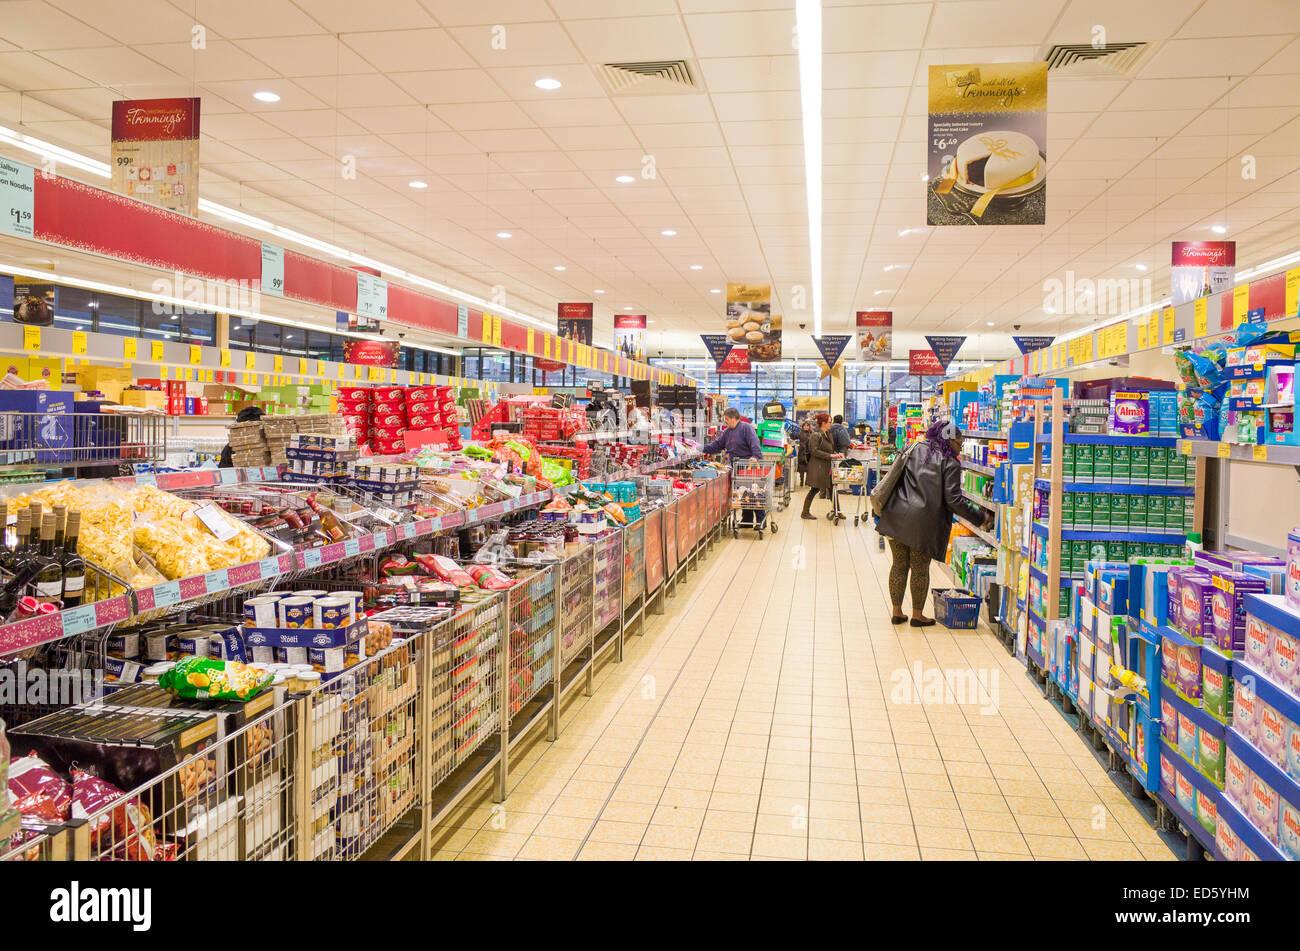 Aldi supermarket aisle, London, England, UK Stock Photo